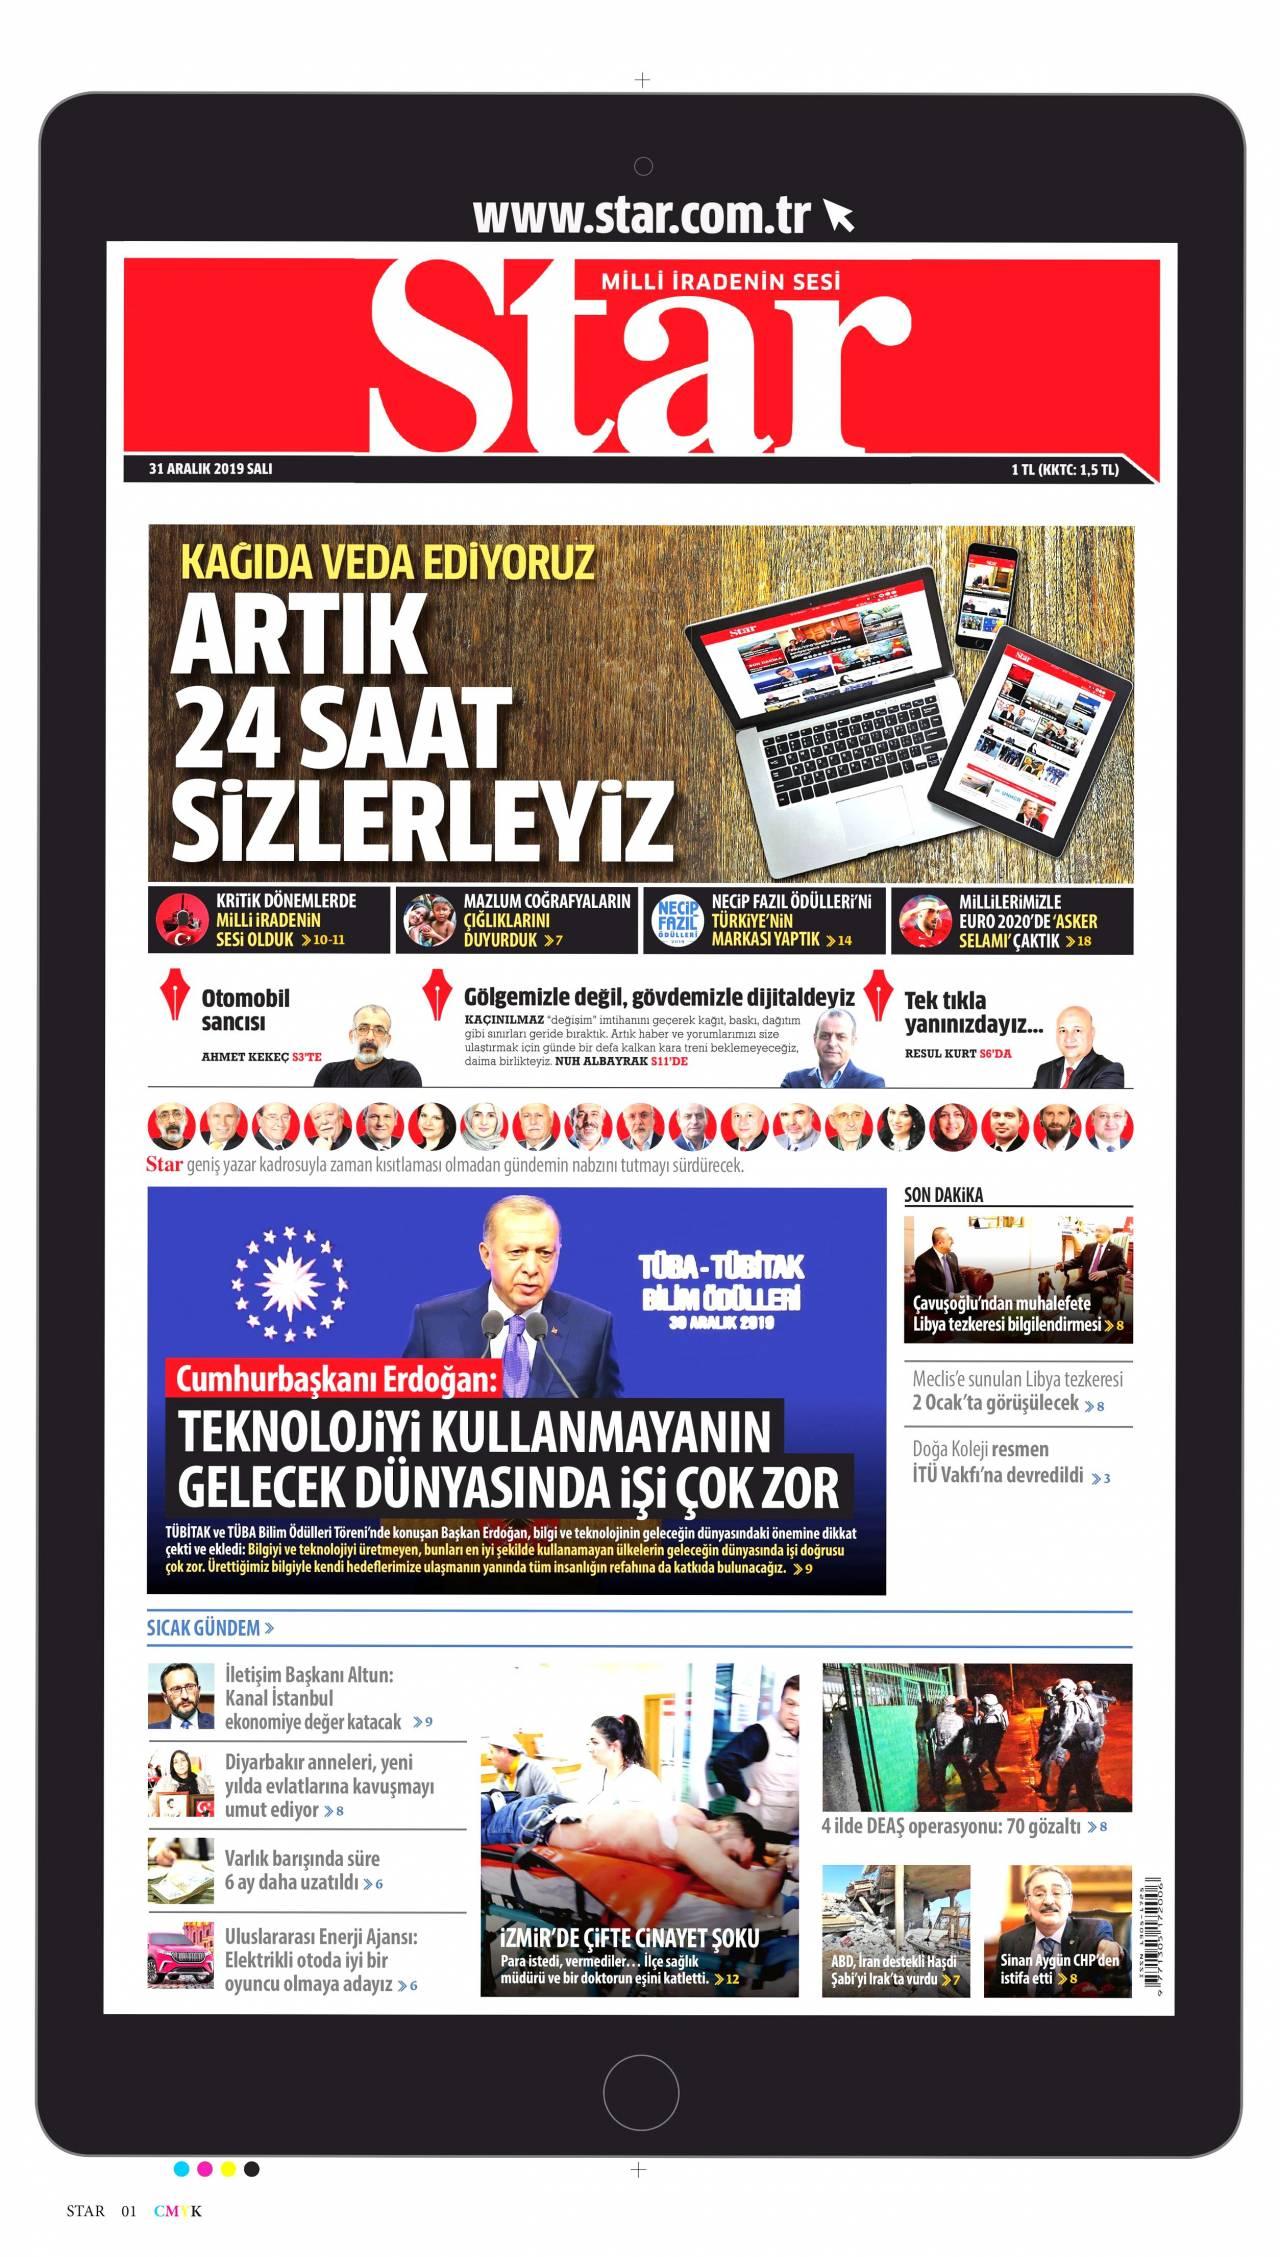 31.03.2017 tarihli Star gazetesinin 1. sayfası